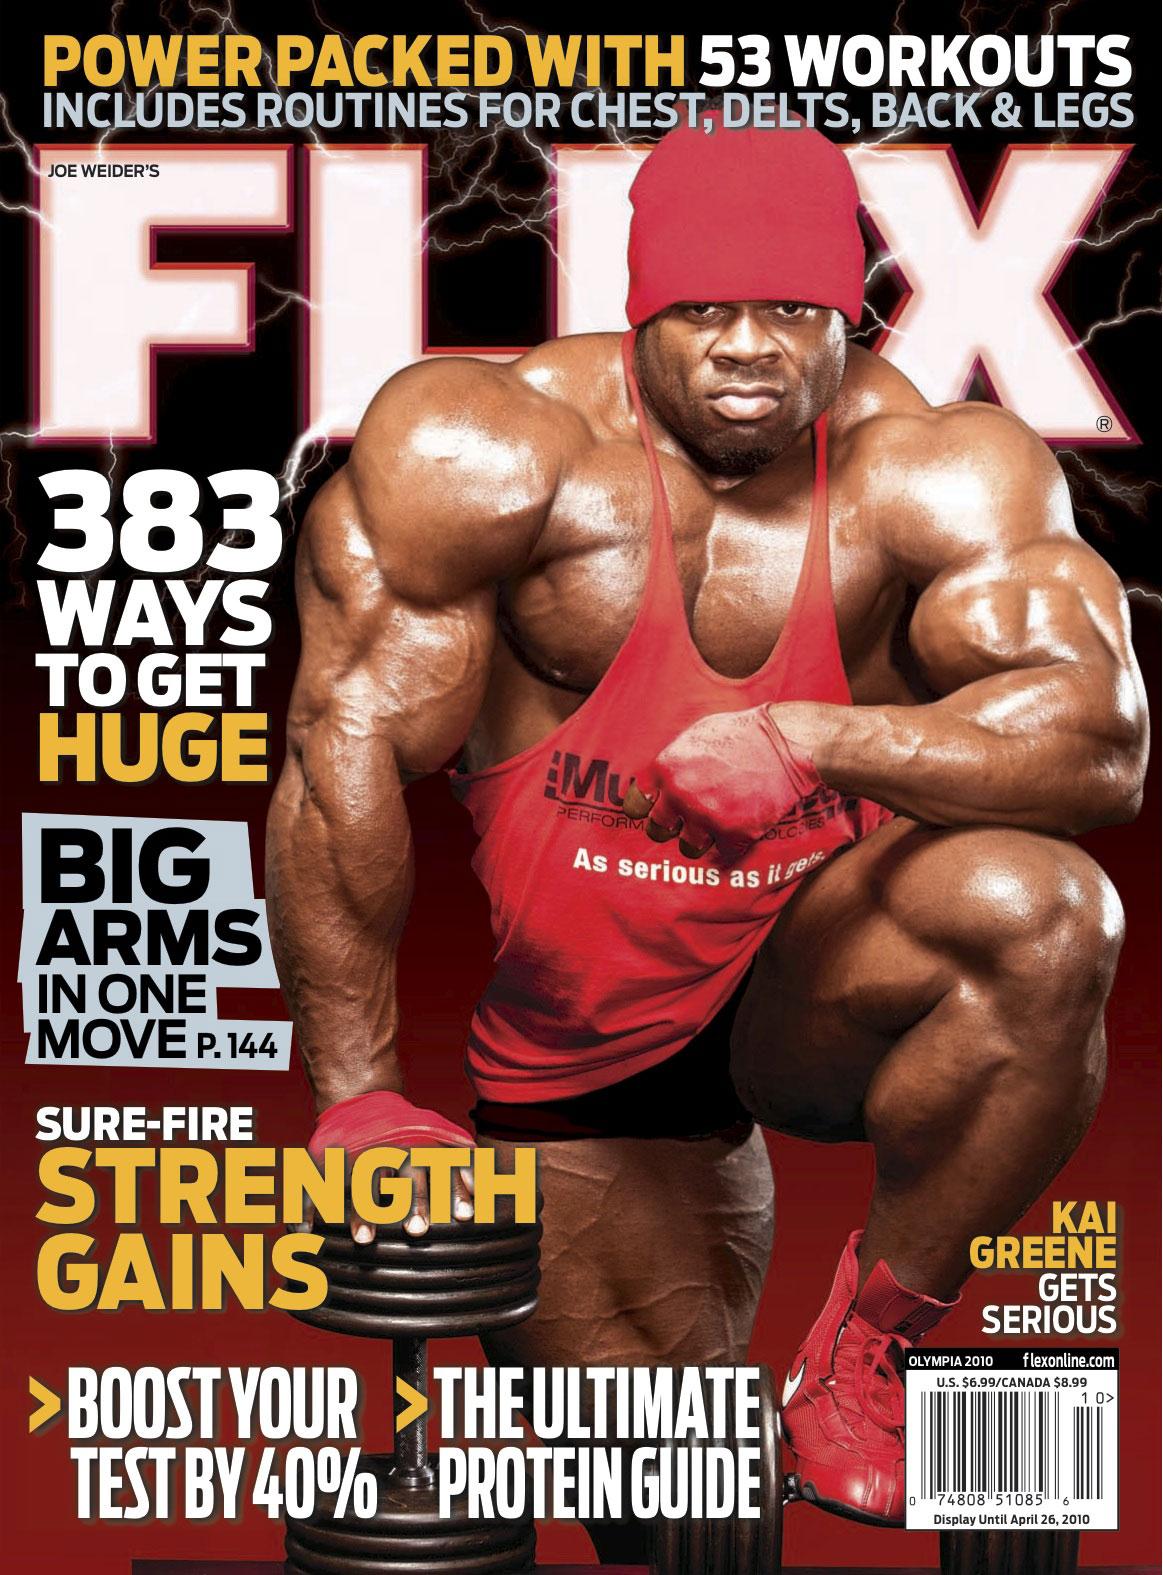 Kai on Next Cover of Flex Magazine!